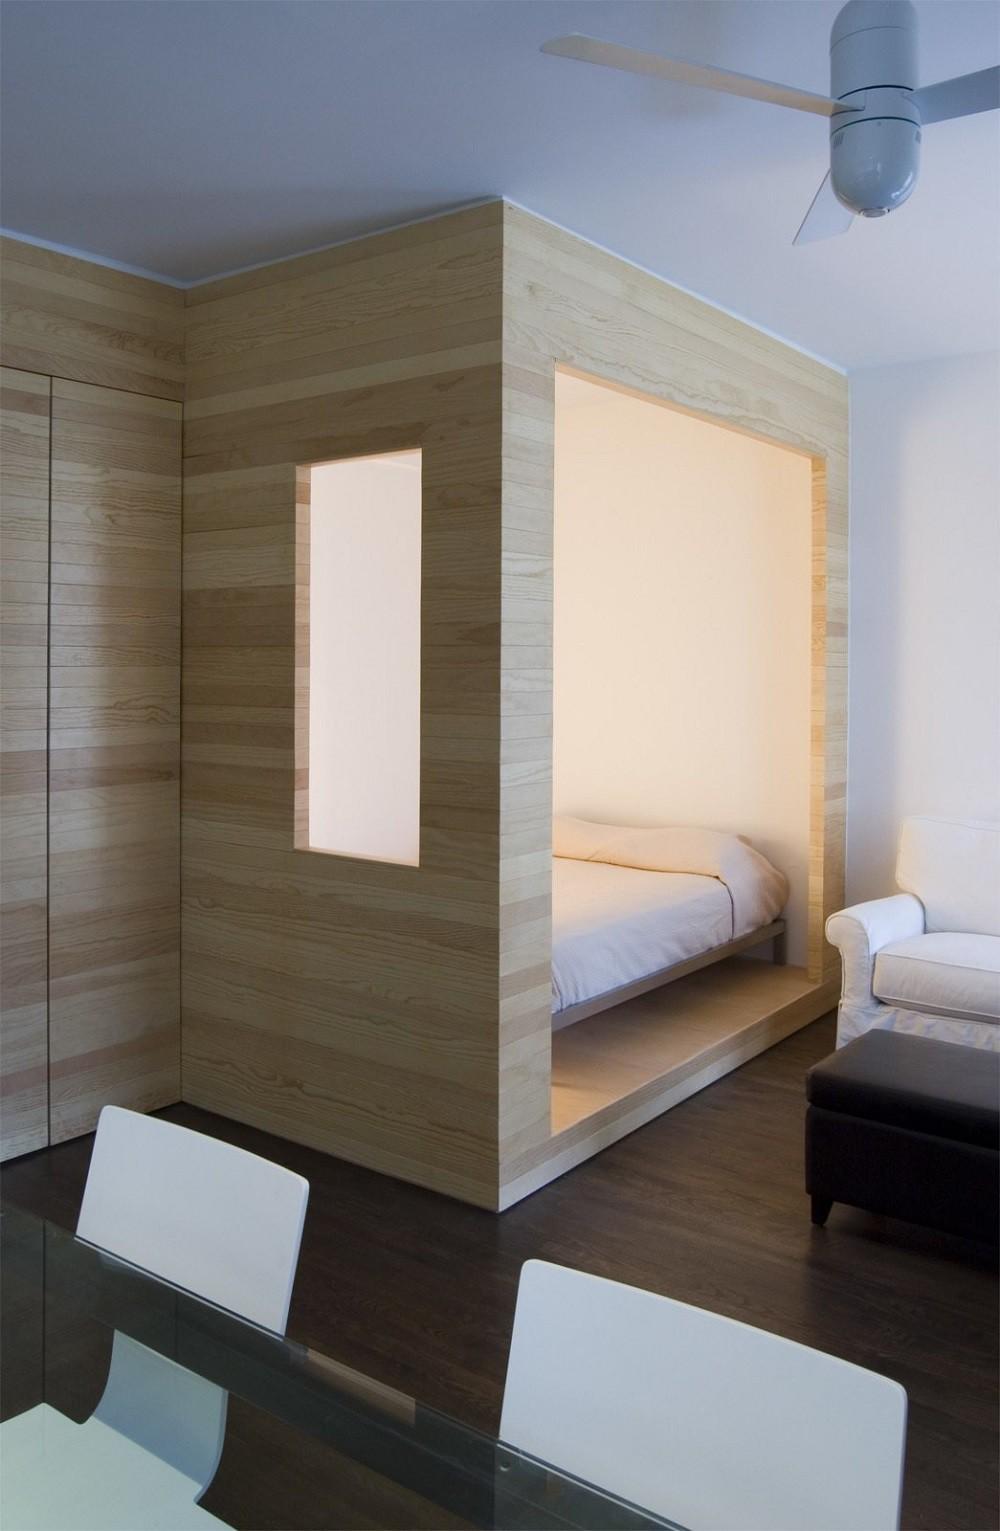 """10 thiết kế phòng ngủ dưới đây sẽ cho bạn thấy dù nhà bạn có chật thế nào, kiến trúc sư vẫn """"xơi tái"""" được hết - Ảnh 3."""